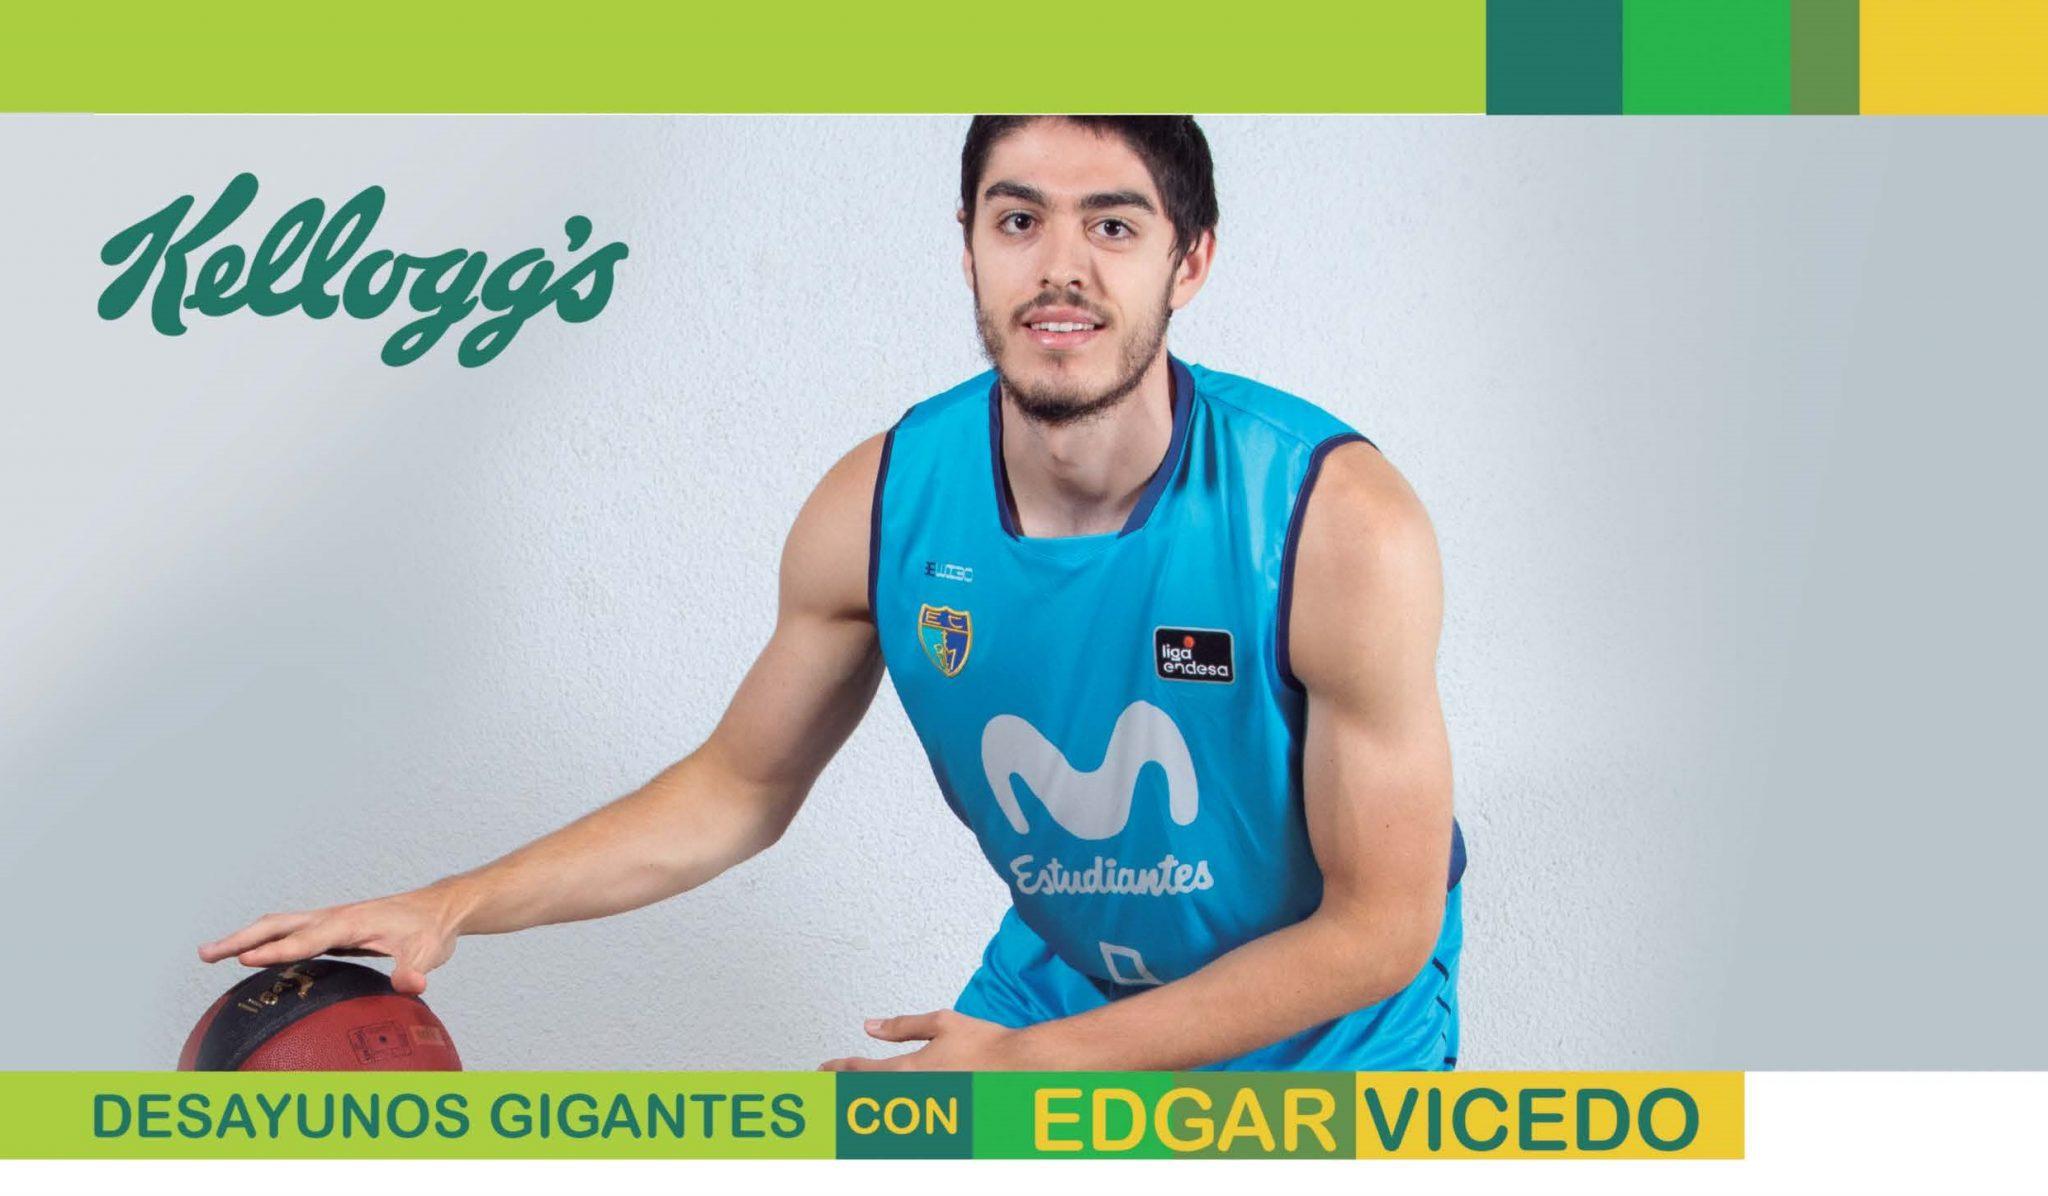 Desayunos Gigantes: Edgar Vicedo nos cuenta su experiencia con productos Kellogg's